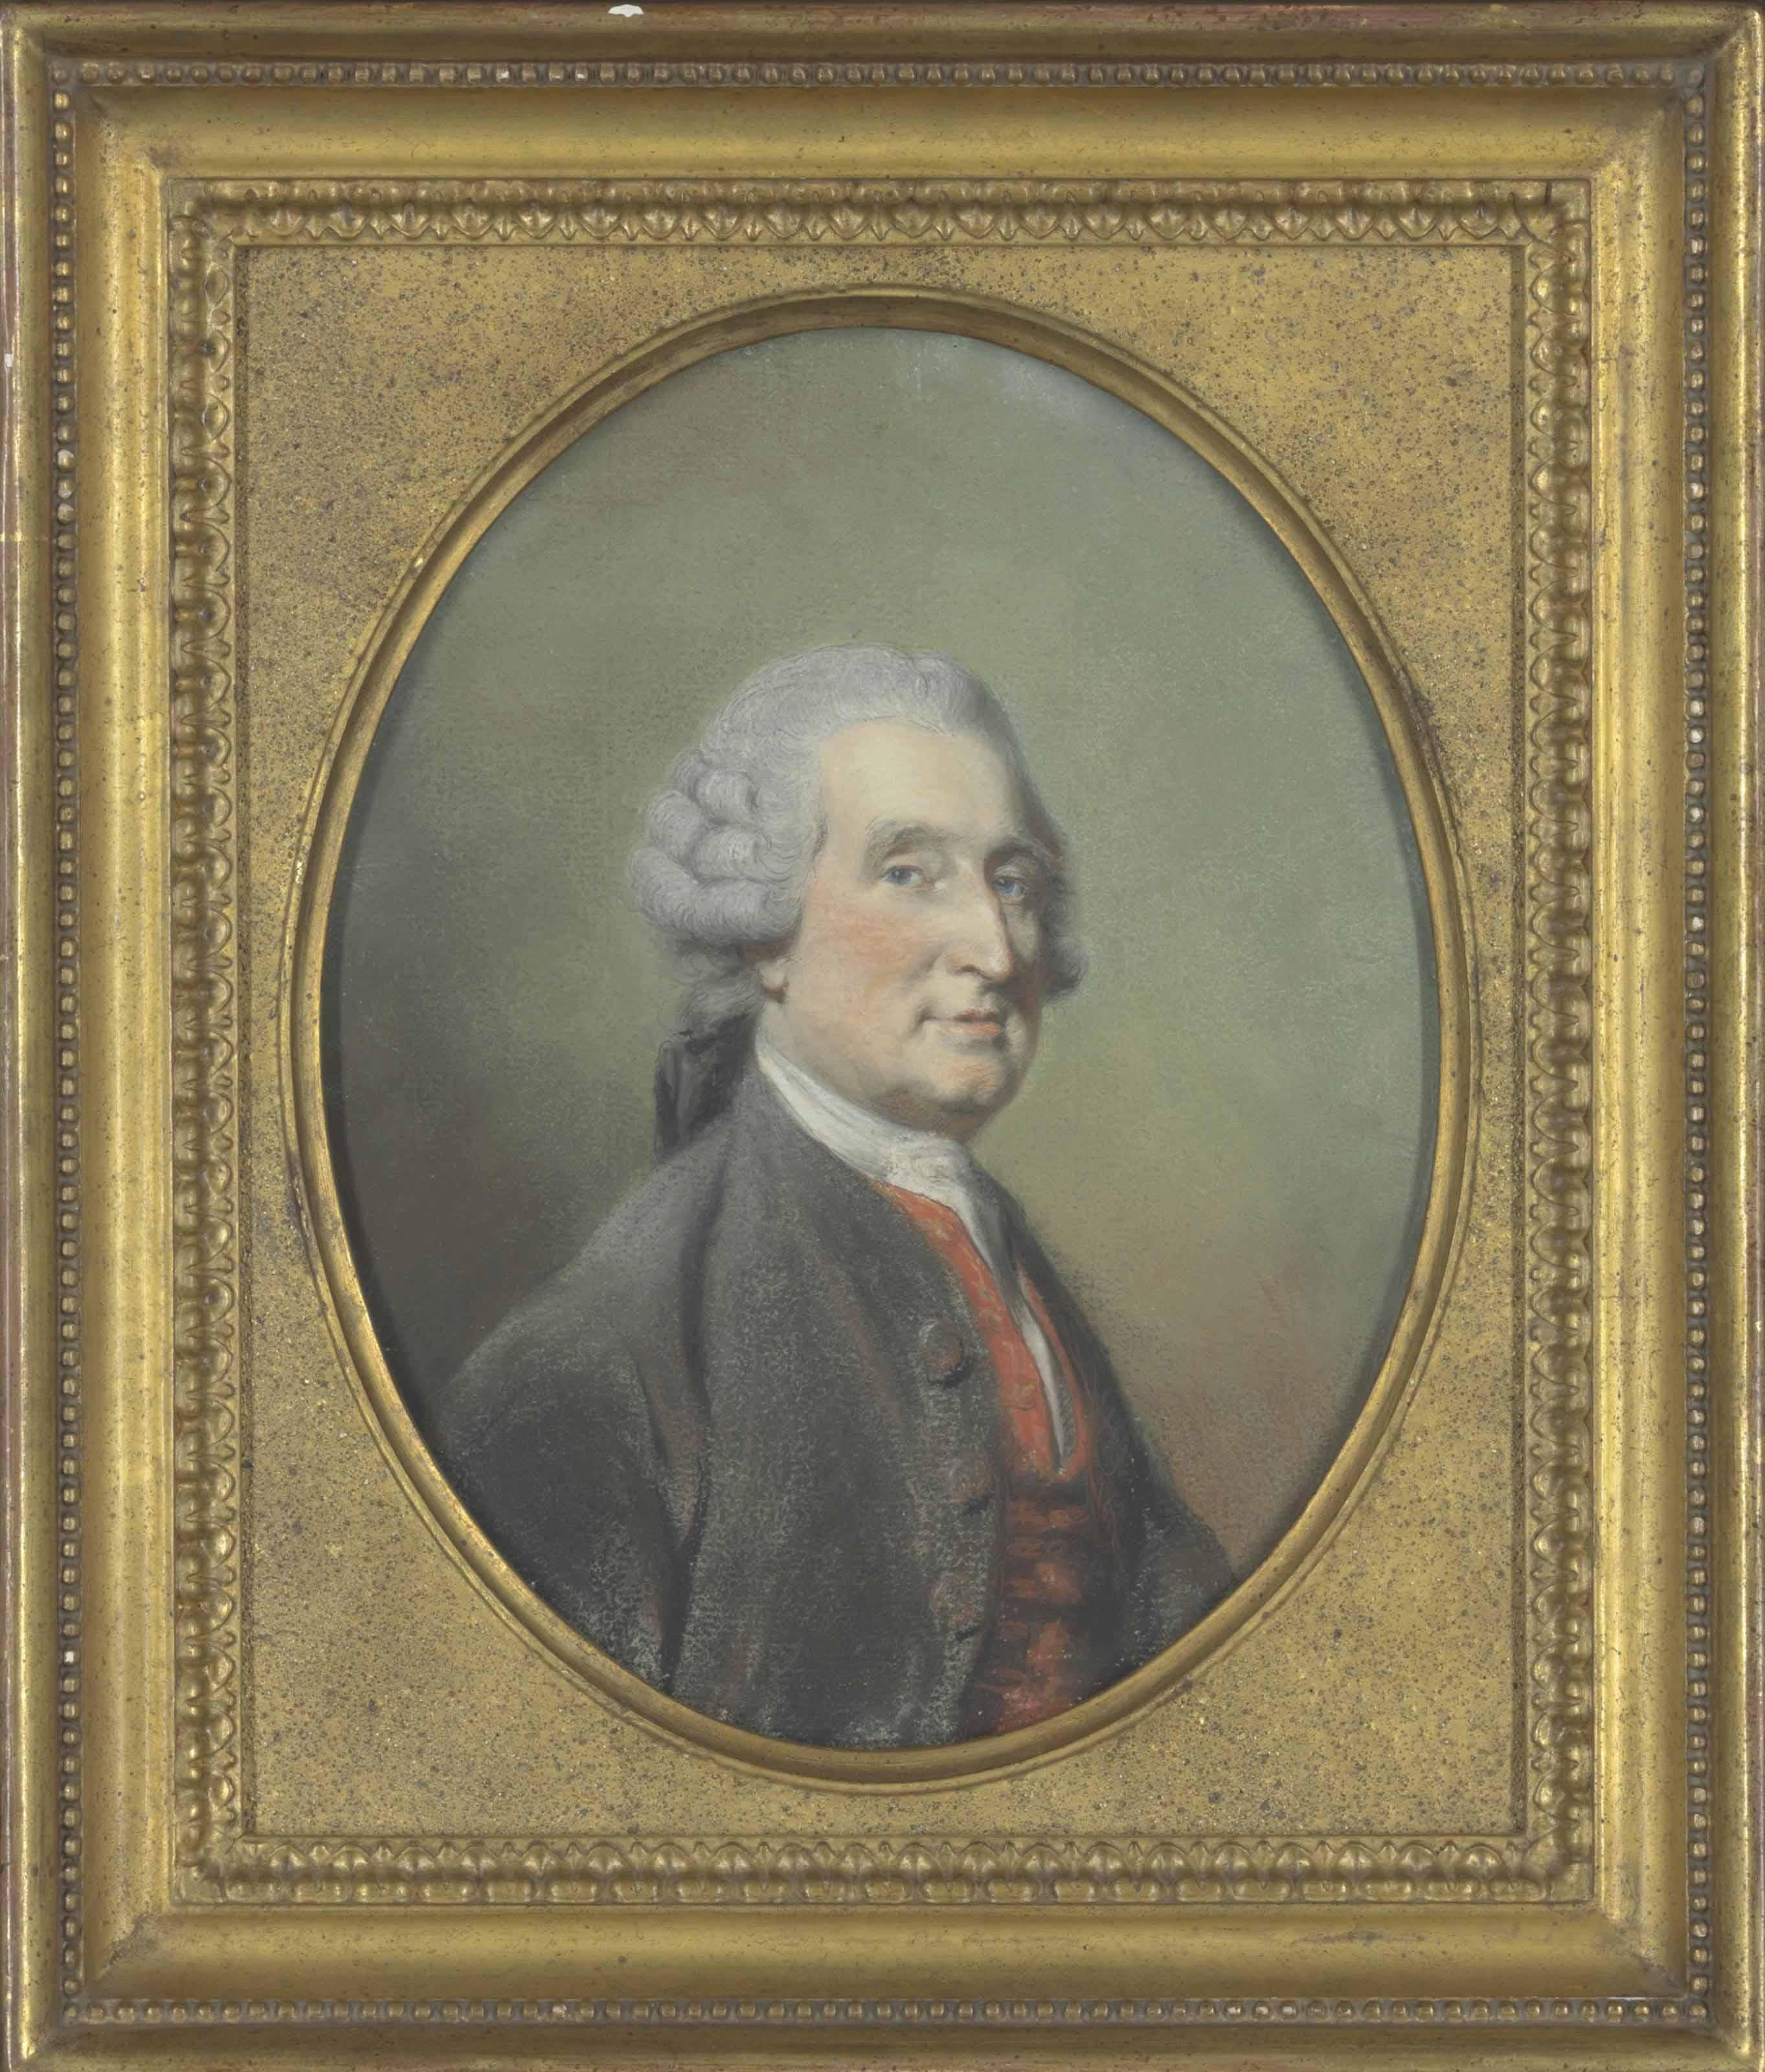 Portrait of a gentleman in a brown coat